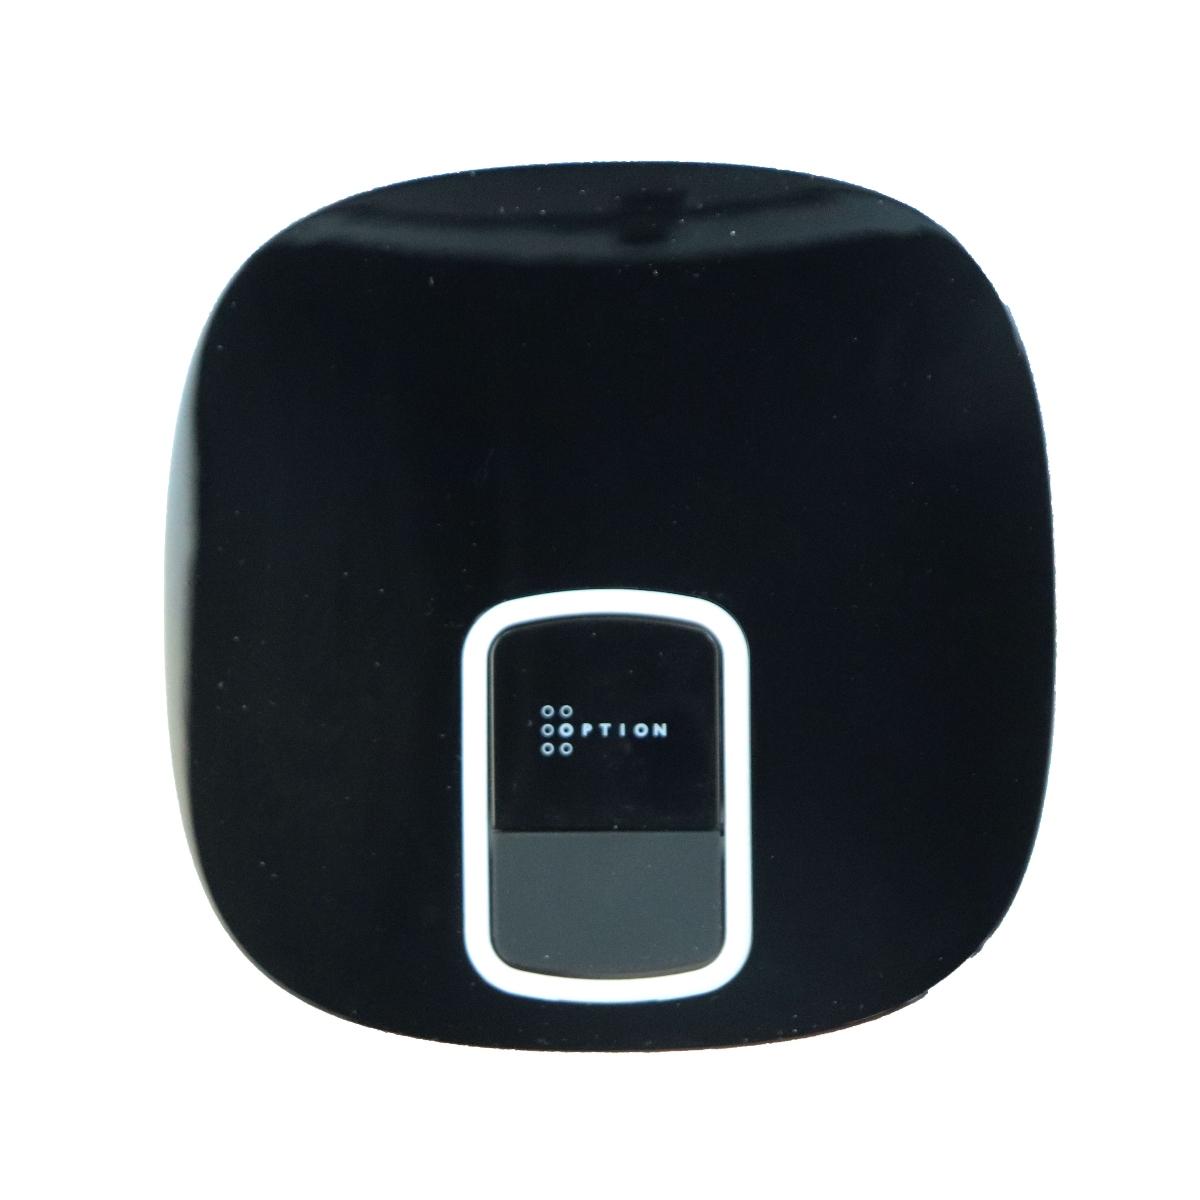 Option GlobeSurfer X.1 GSM/HSPA Router - Broadband Data and Wi-Fi